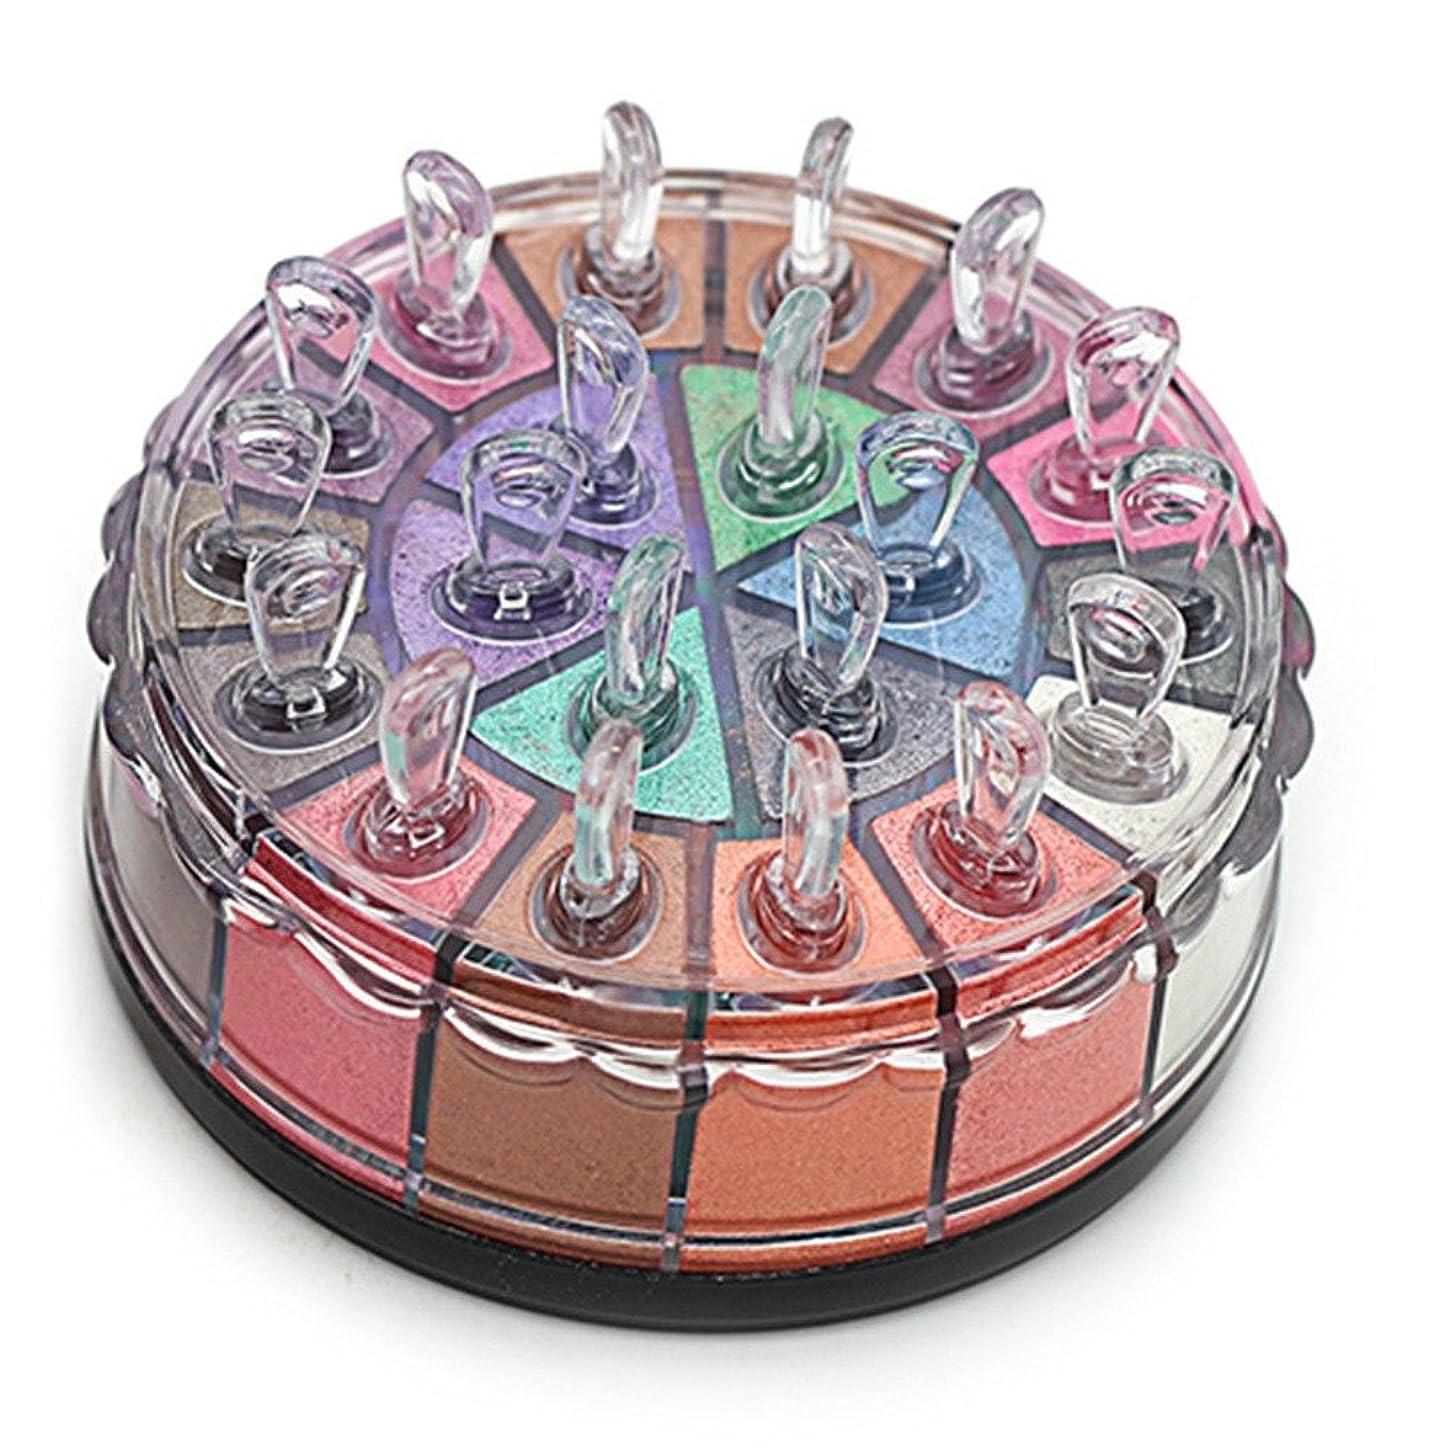 果てしないかんたんバンケットアイシャドー アイシャドウパ おしゃれ 光沢 20色 アイシャドウ キラキラ 欧米風 ハイライト シェーディング パーティー コスプレ 日常 (タイプーB)